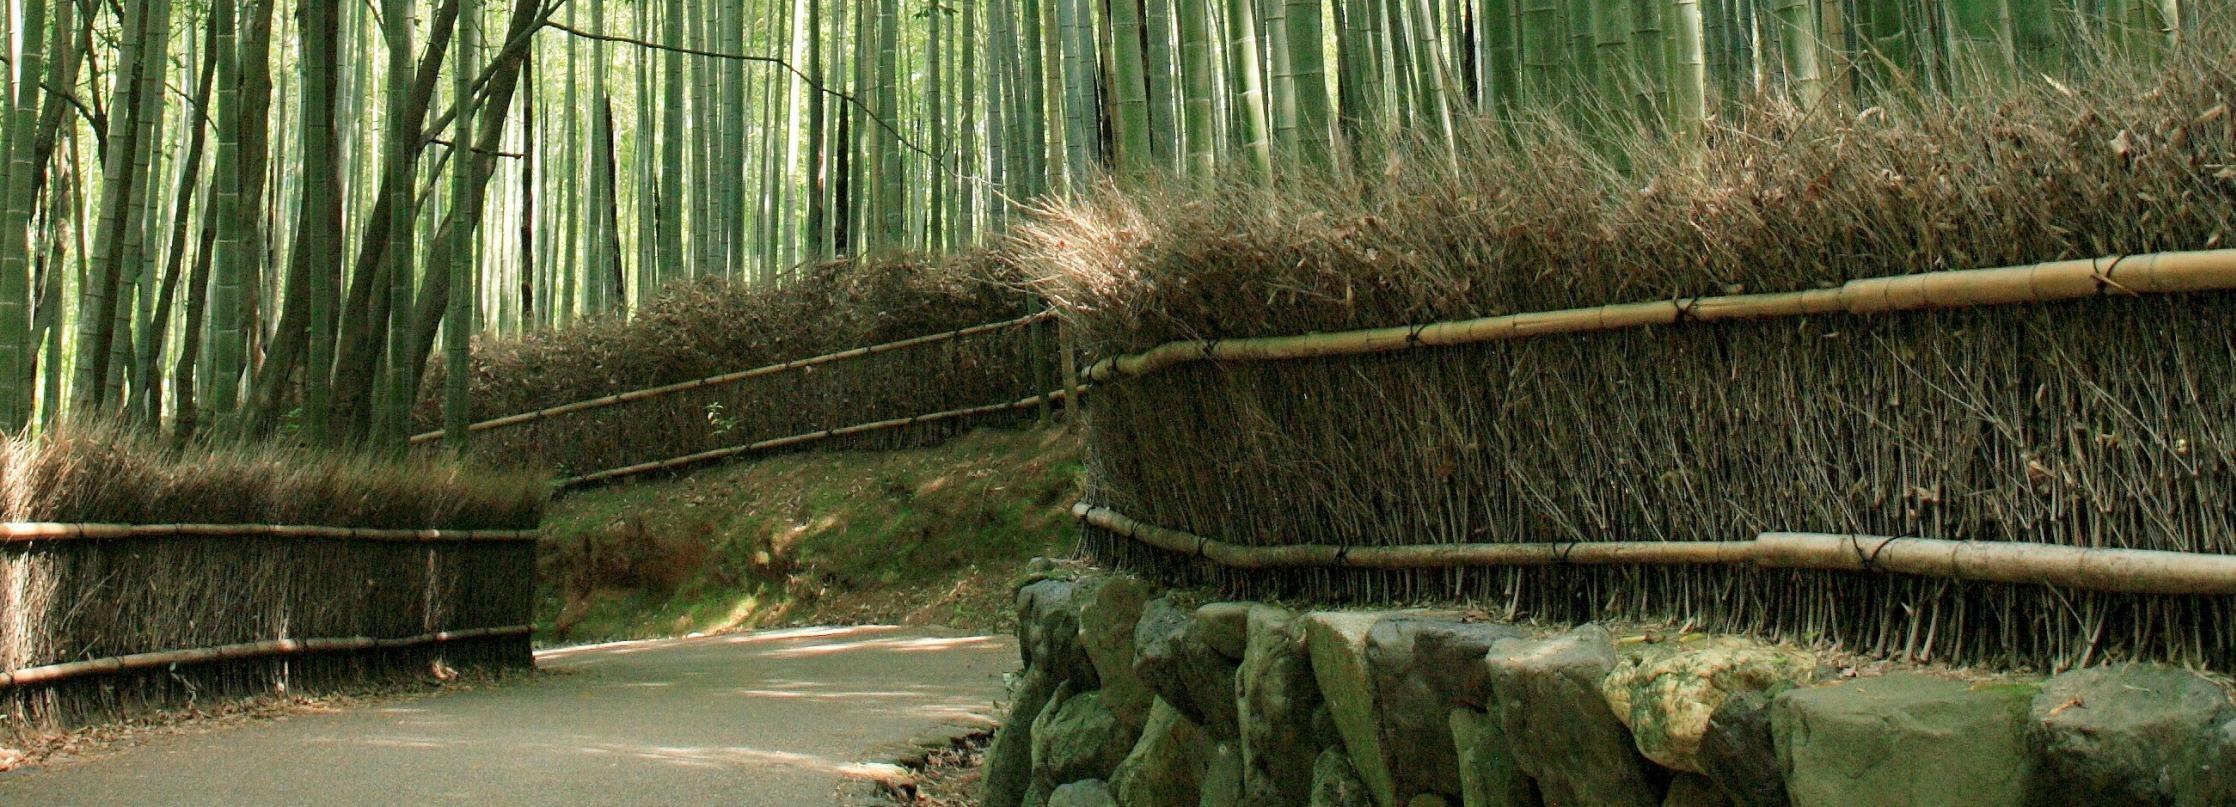 Kyoto: Arashiyama Guided Morning Walking Tour